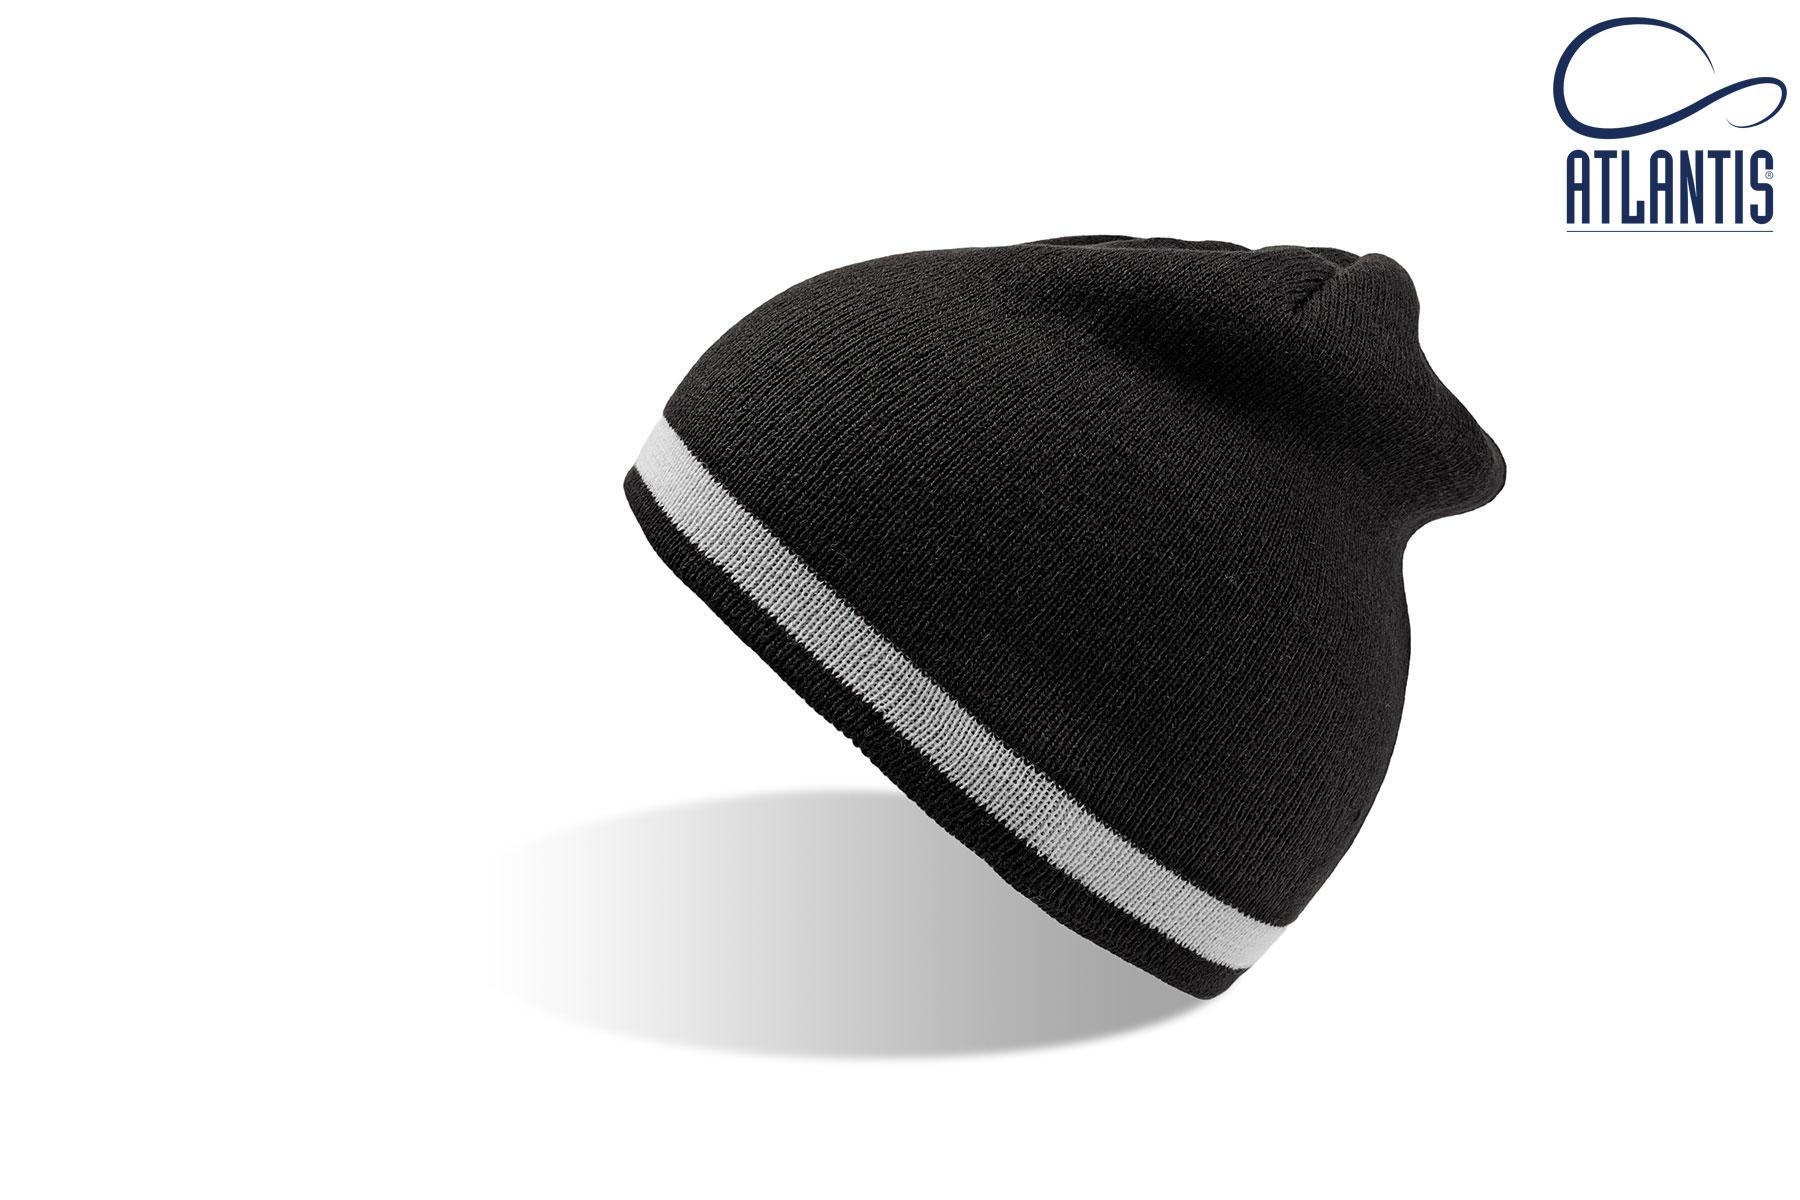 zimska kapa moover sivo bela